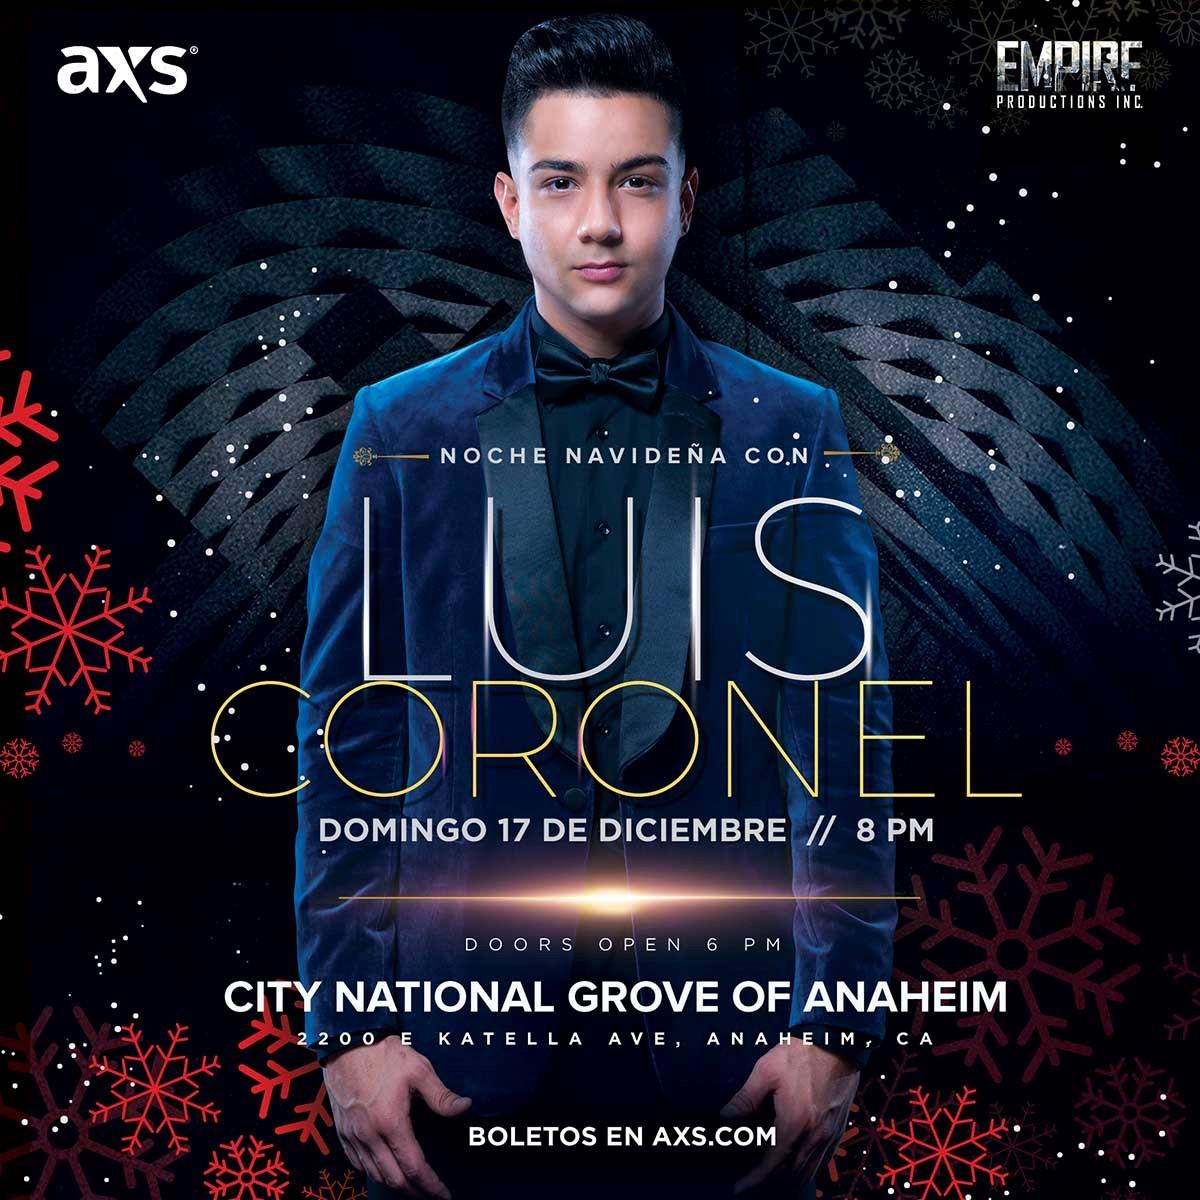 Luis Coronel comparte el espíritu navideño con concierto especial en Anaheim